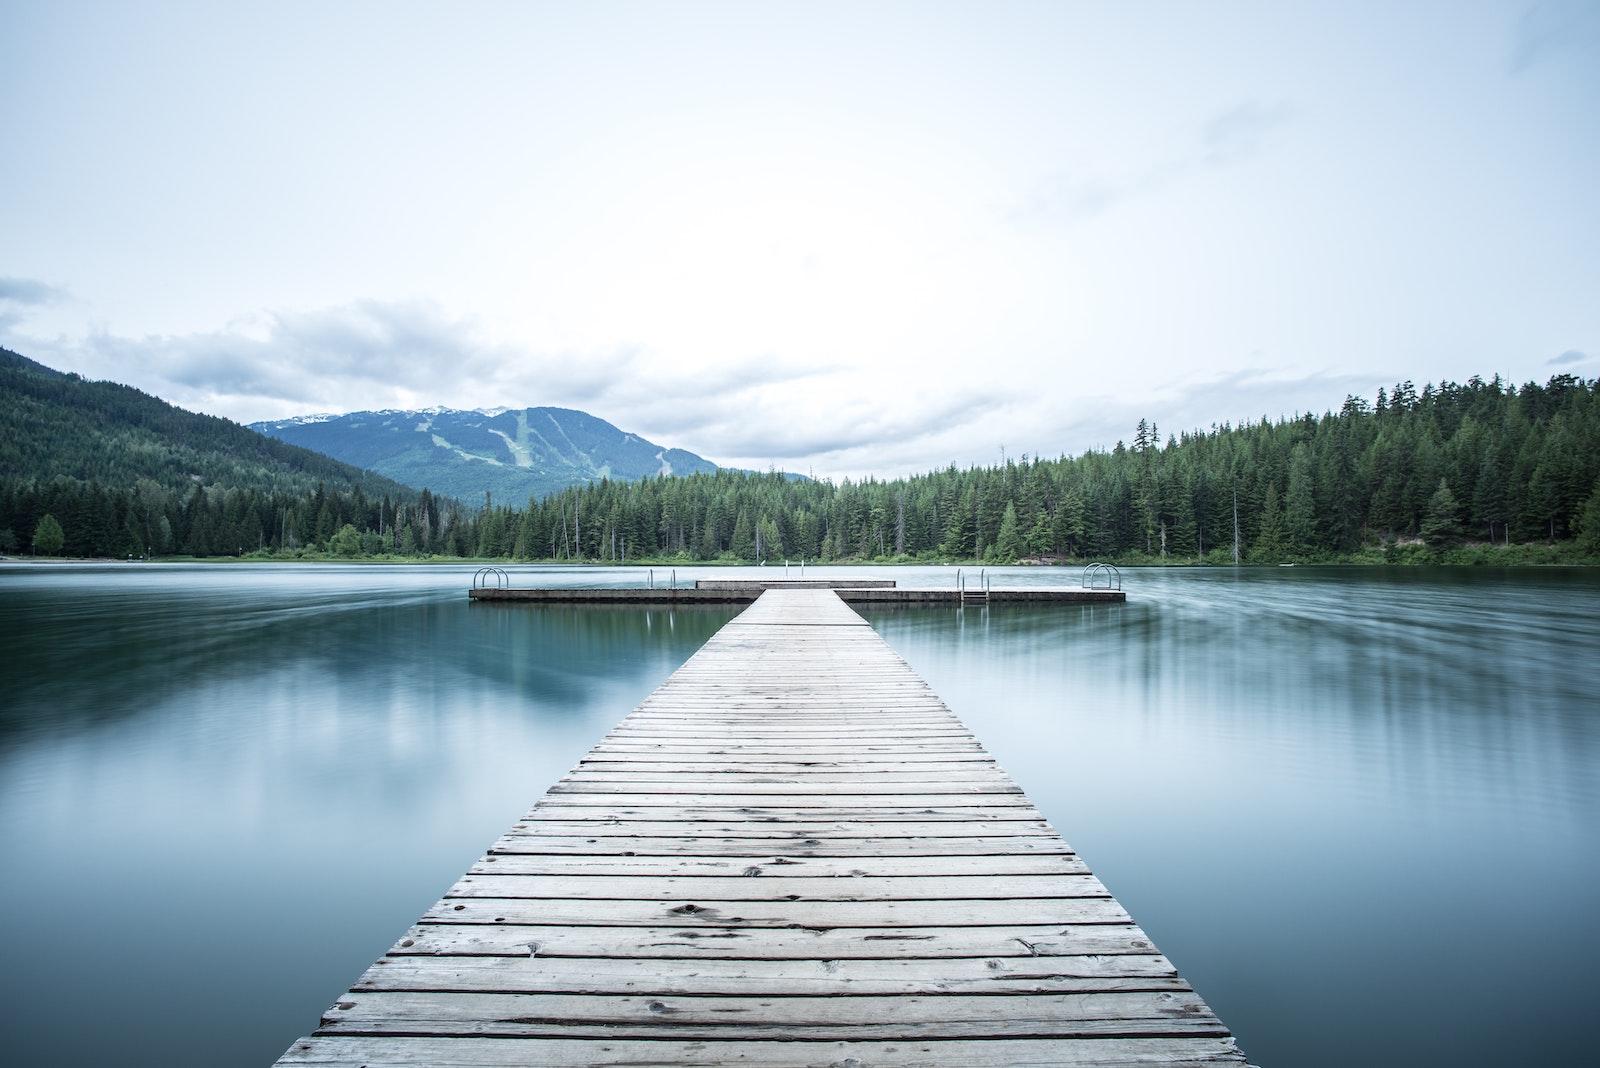 Deklaracja celna do Kanady - jak ją uzupełnić